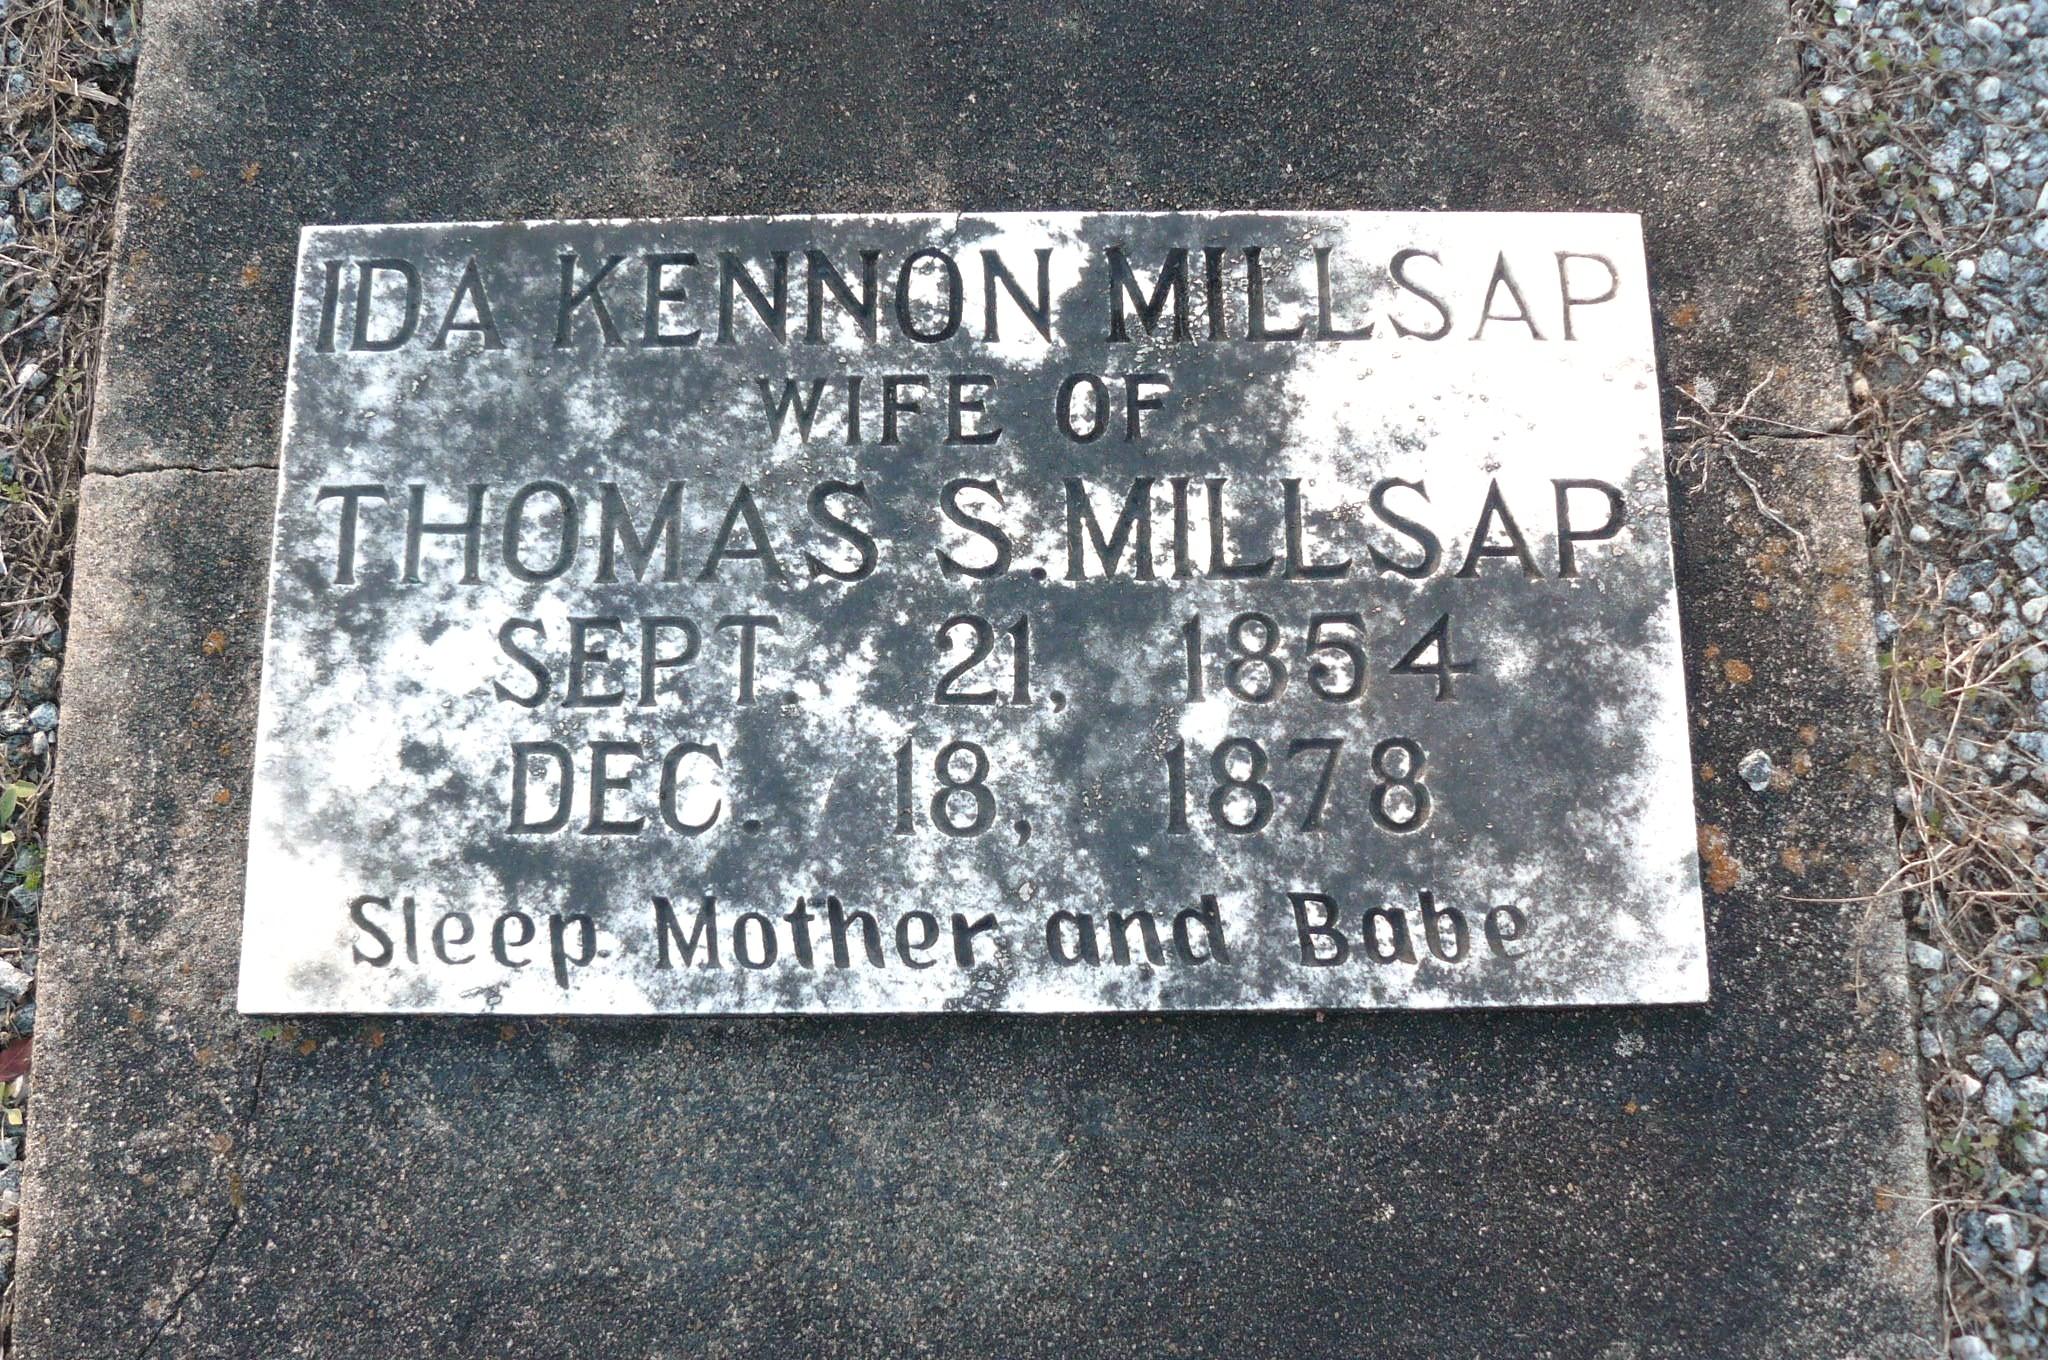 Ida <i>Kennon</i> Millsap